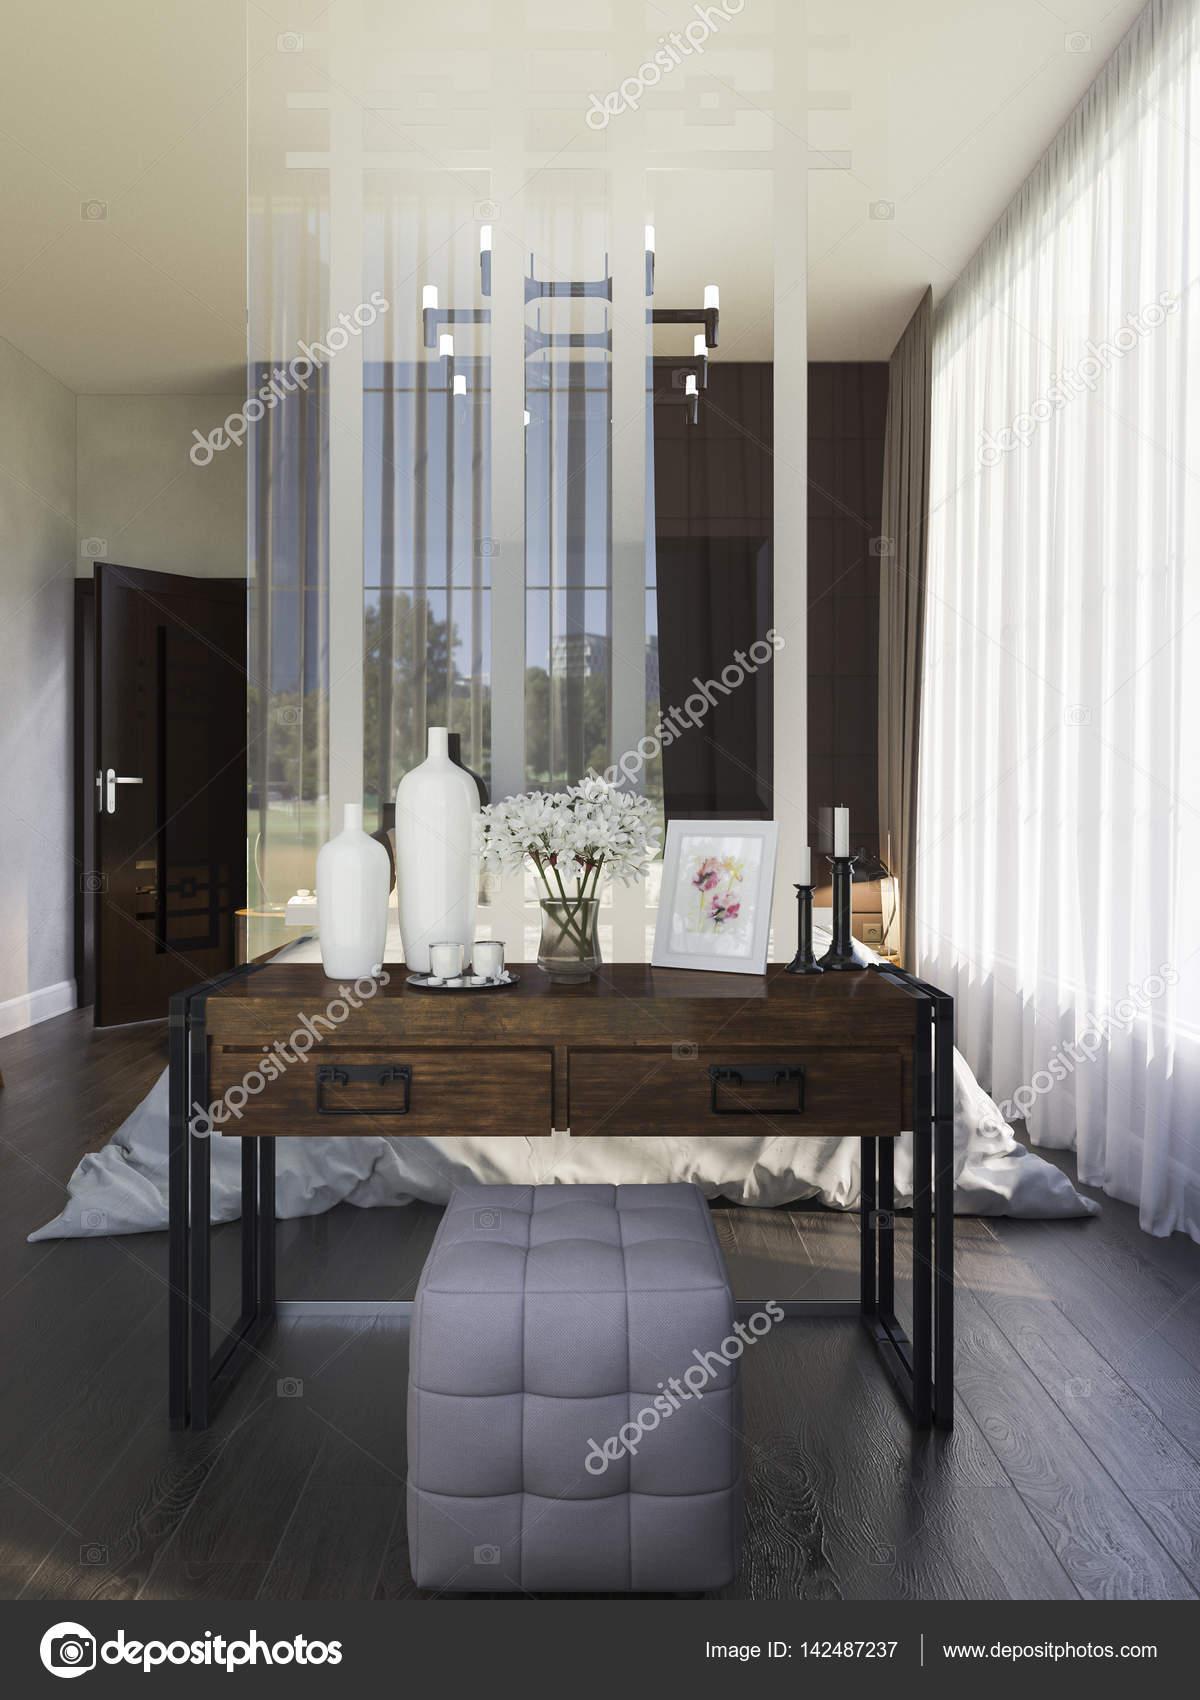 3d illustratie van slaapkamer interieur in een moderne stijl foto van richman21